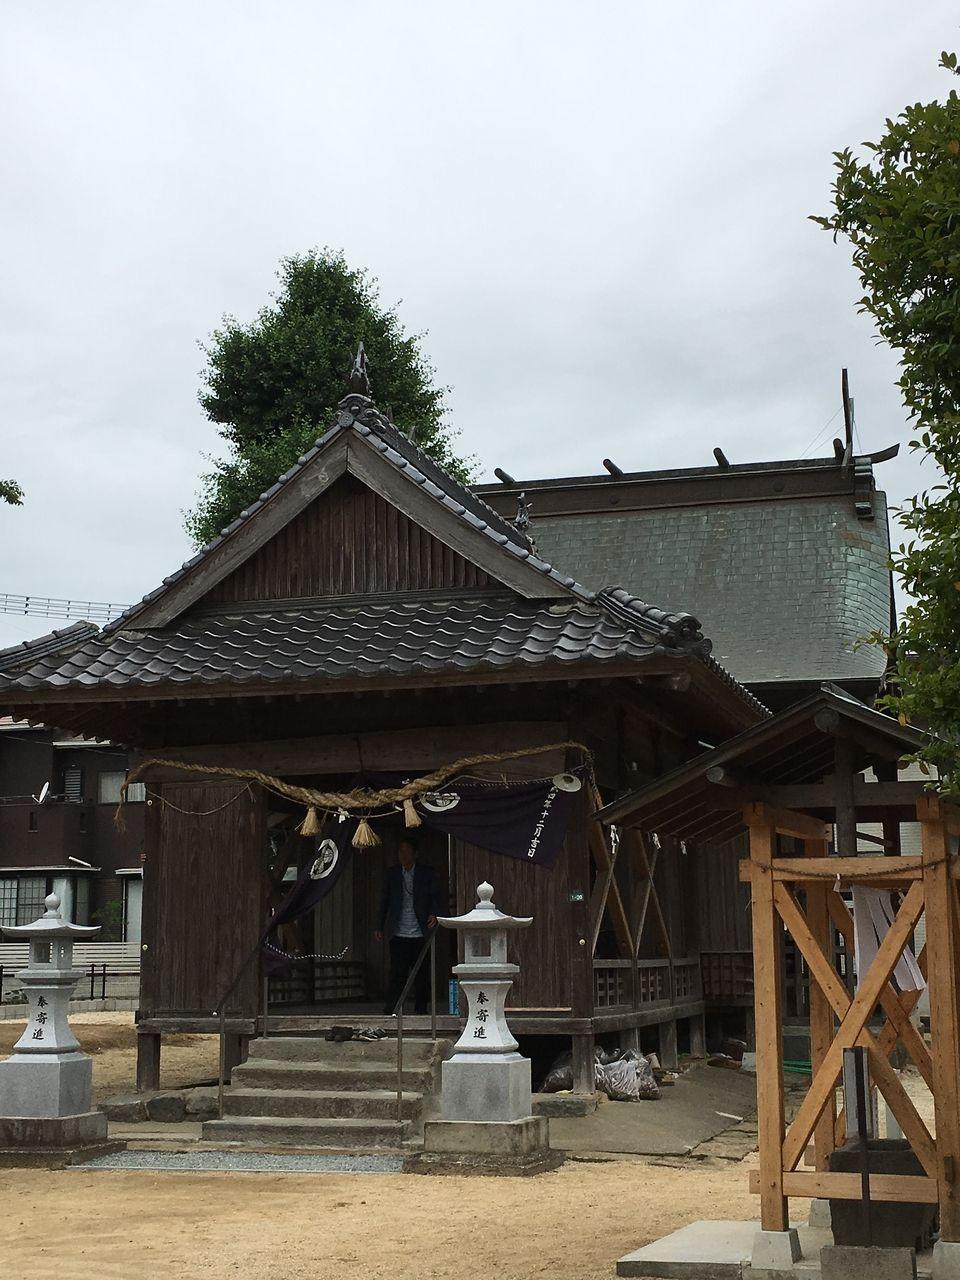 熊本地震の前から計画されていた玉垣工事無事に竣工